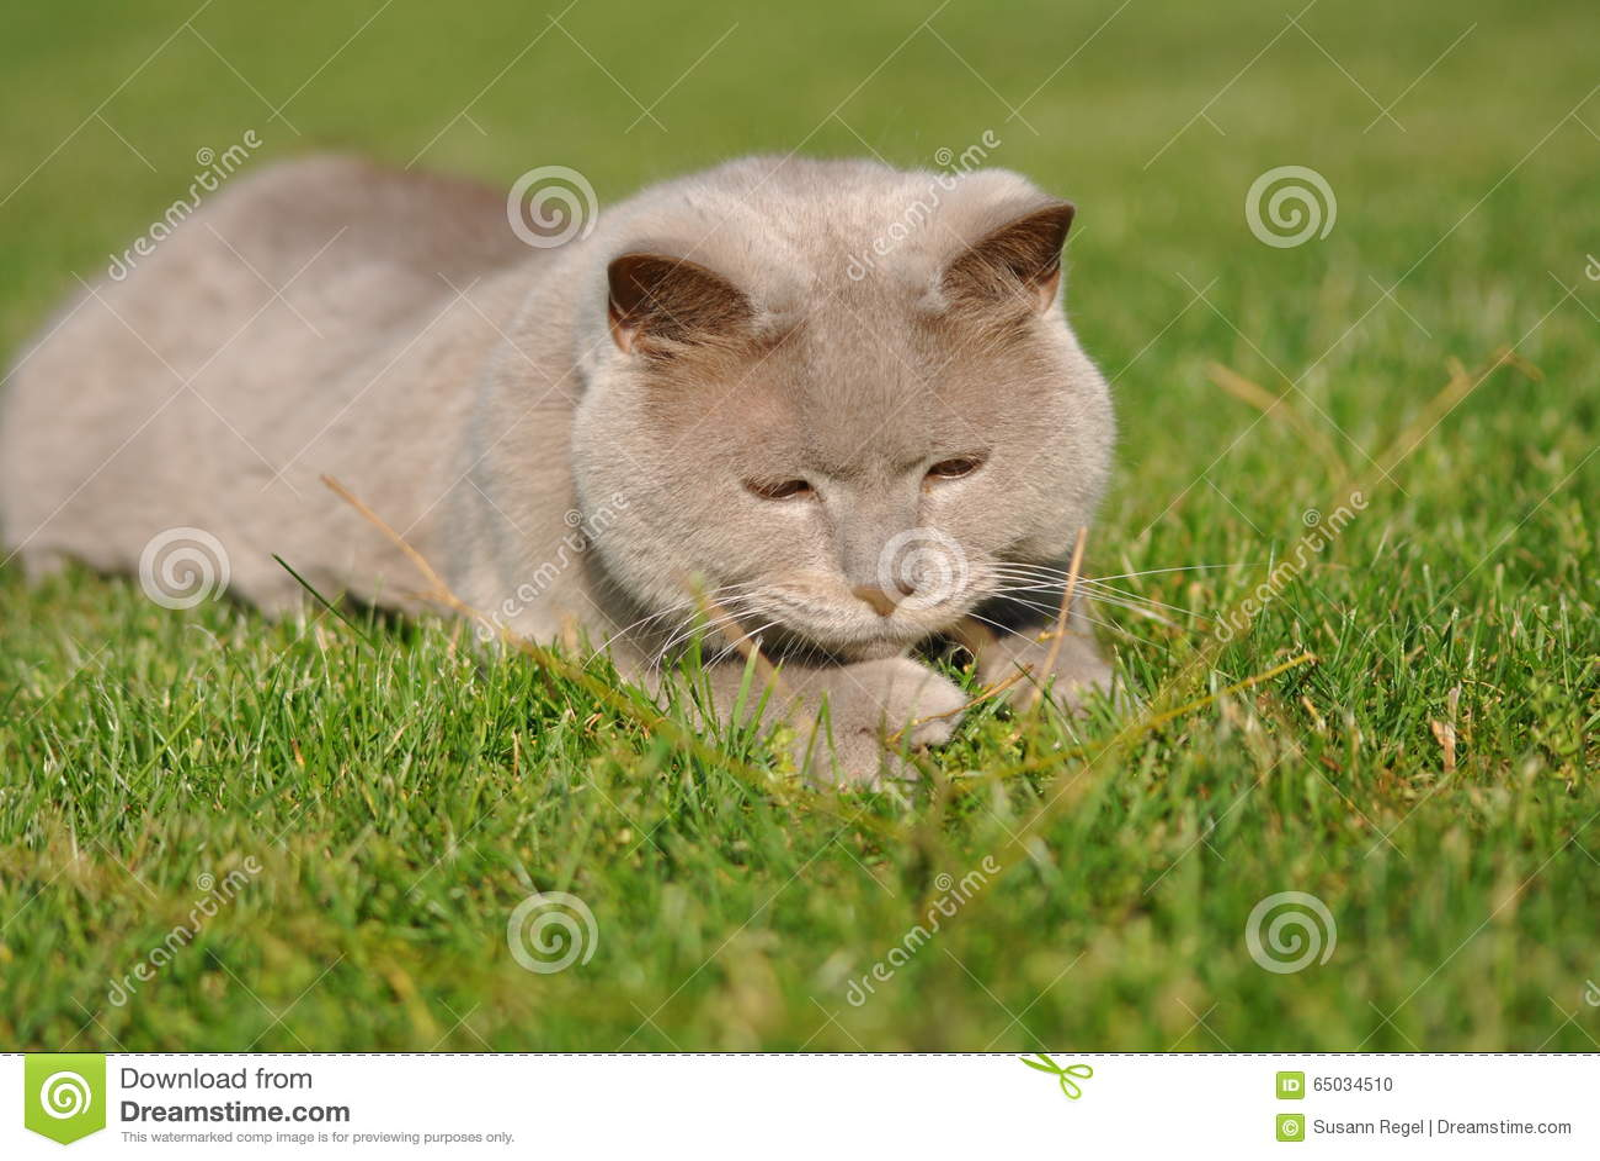 Chat se trouvant sur l herbe